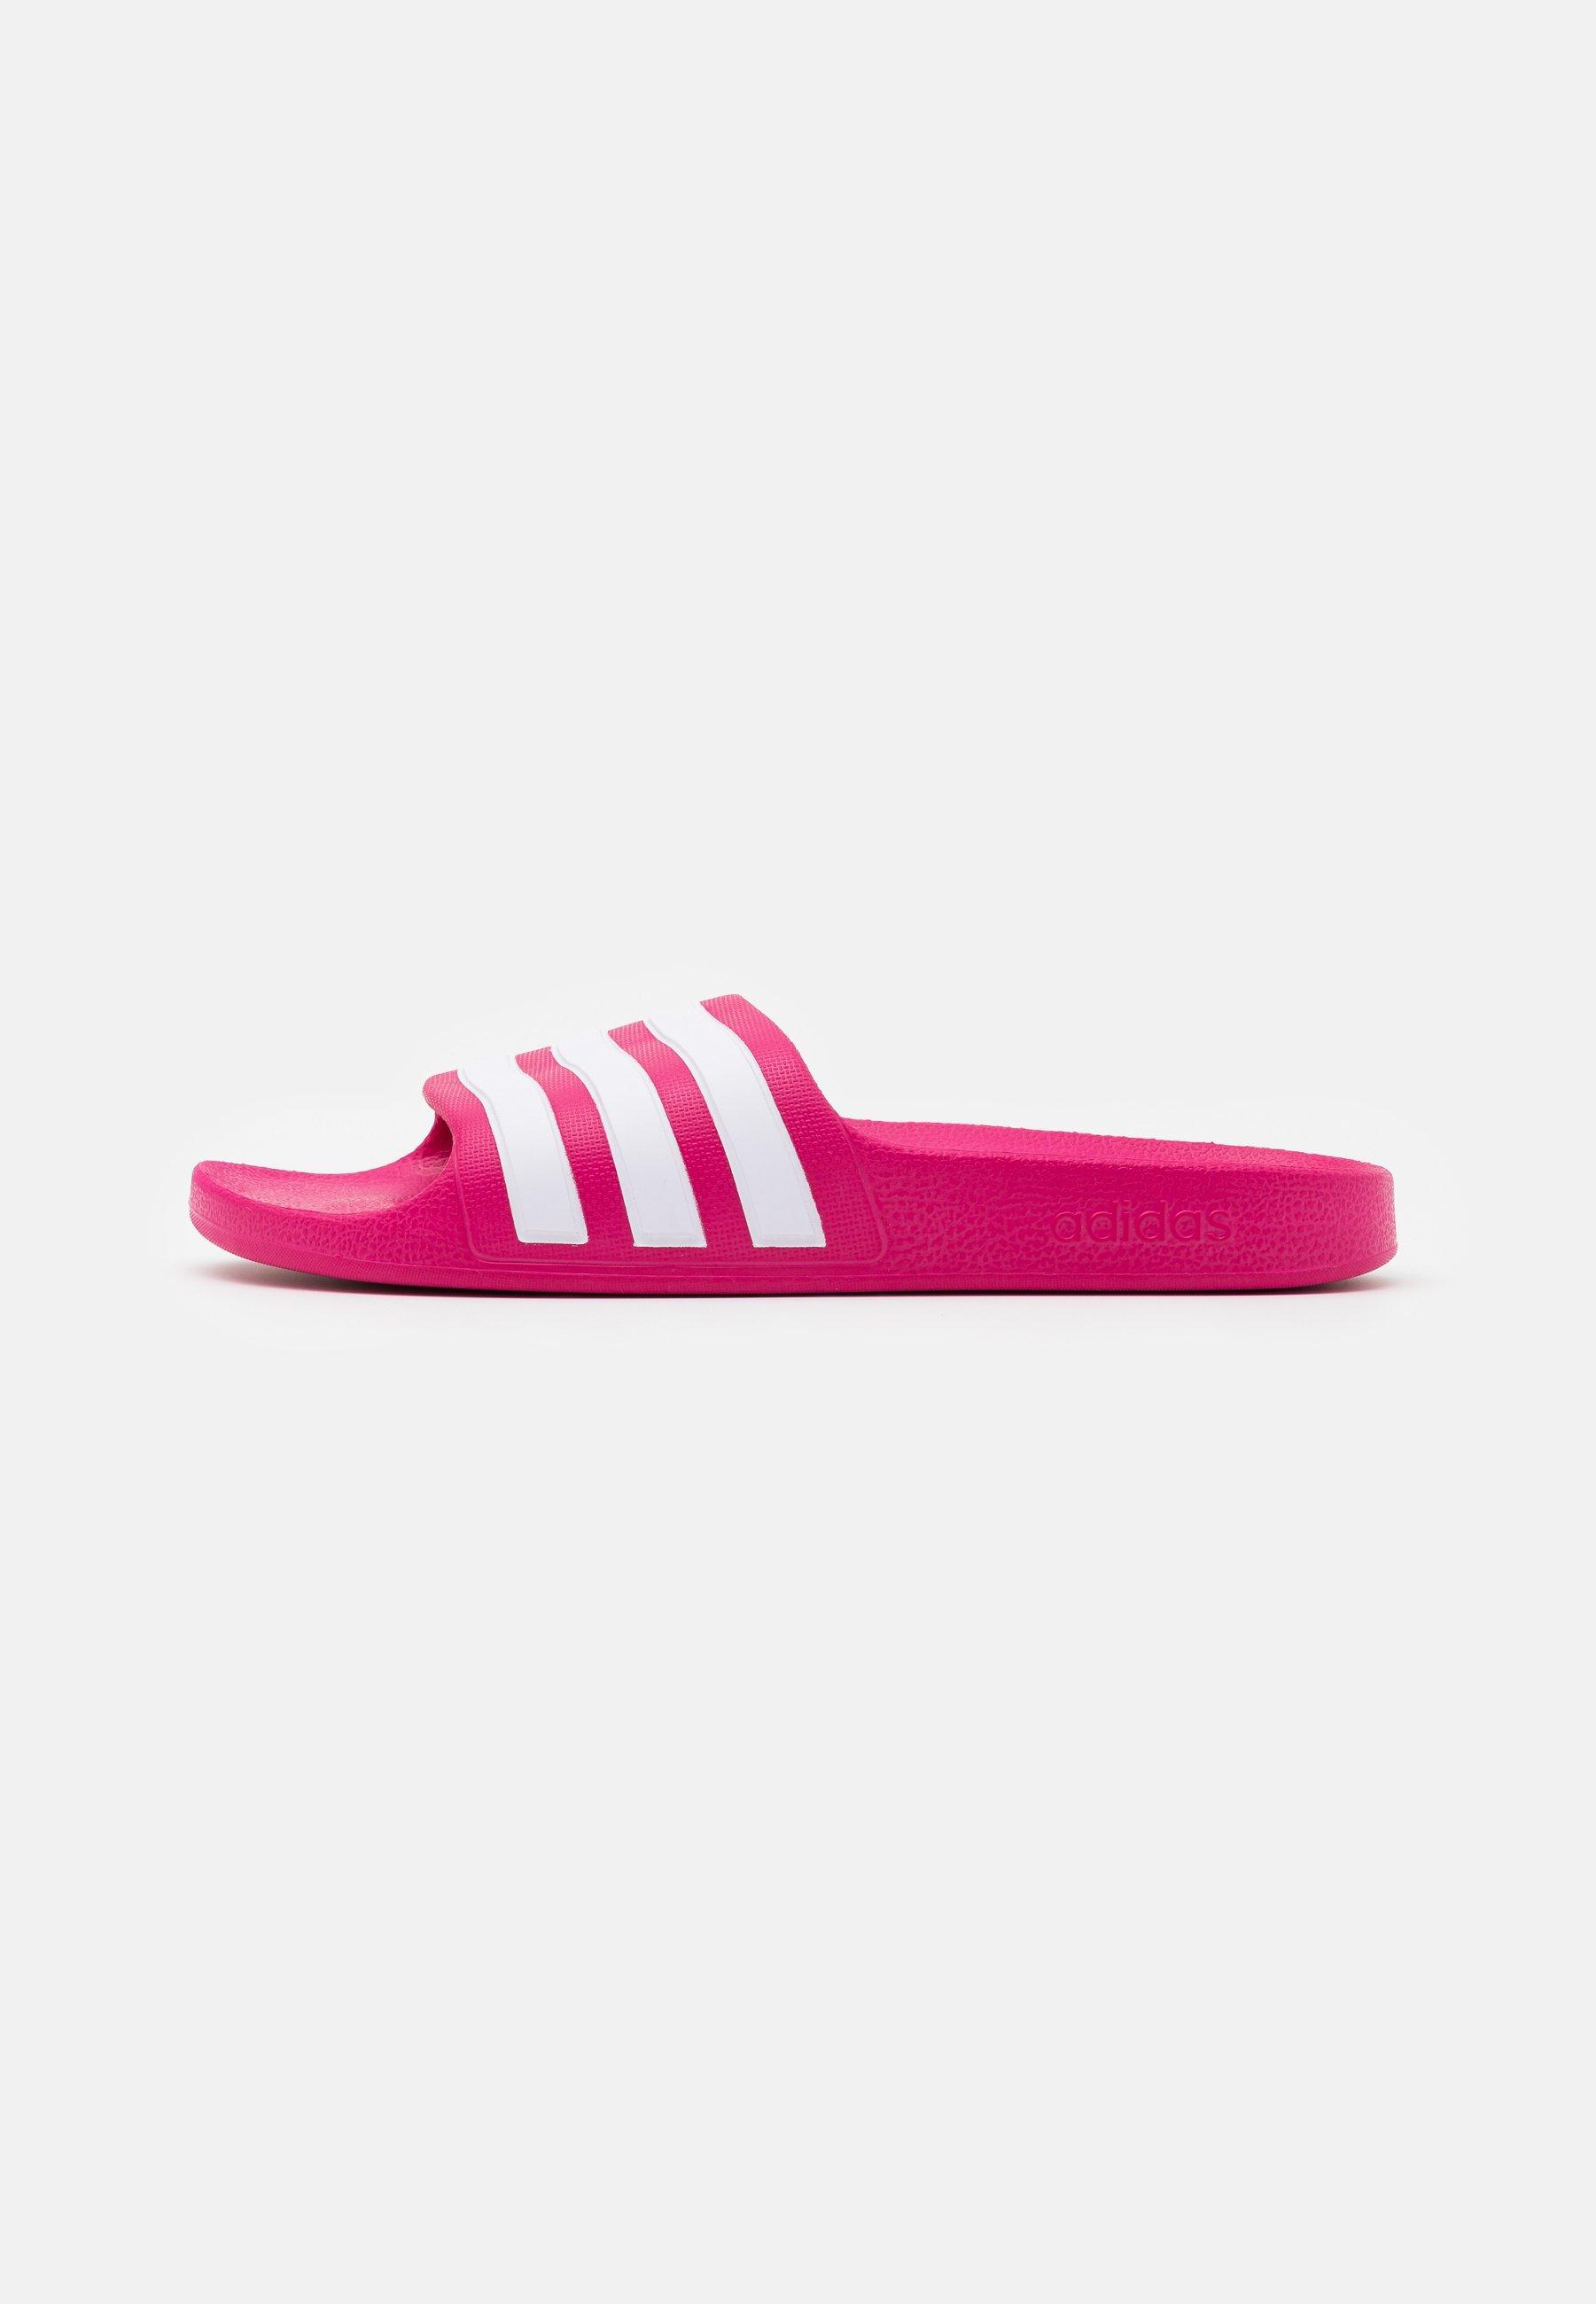 Adidas Kinderschuhe für den Spaß im Alltag von Top Marken